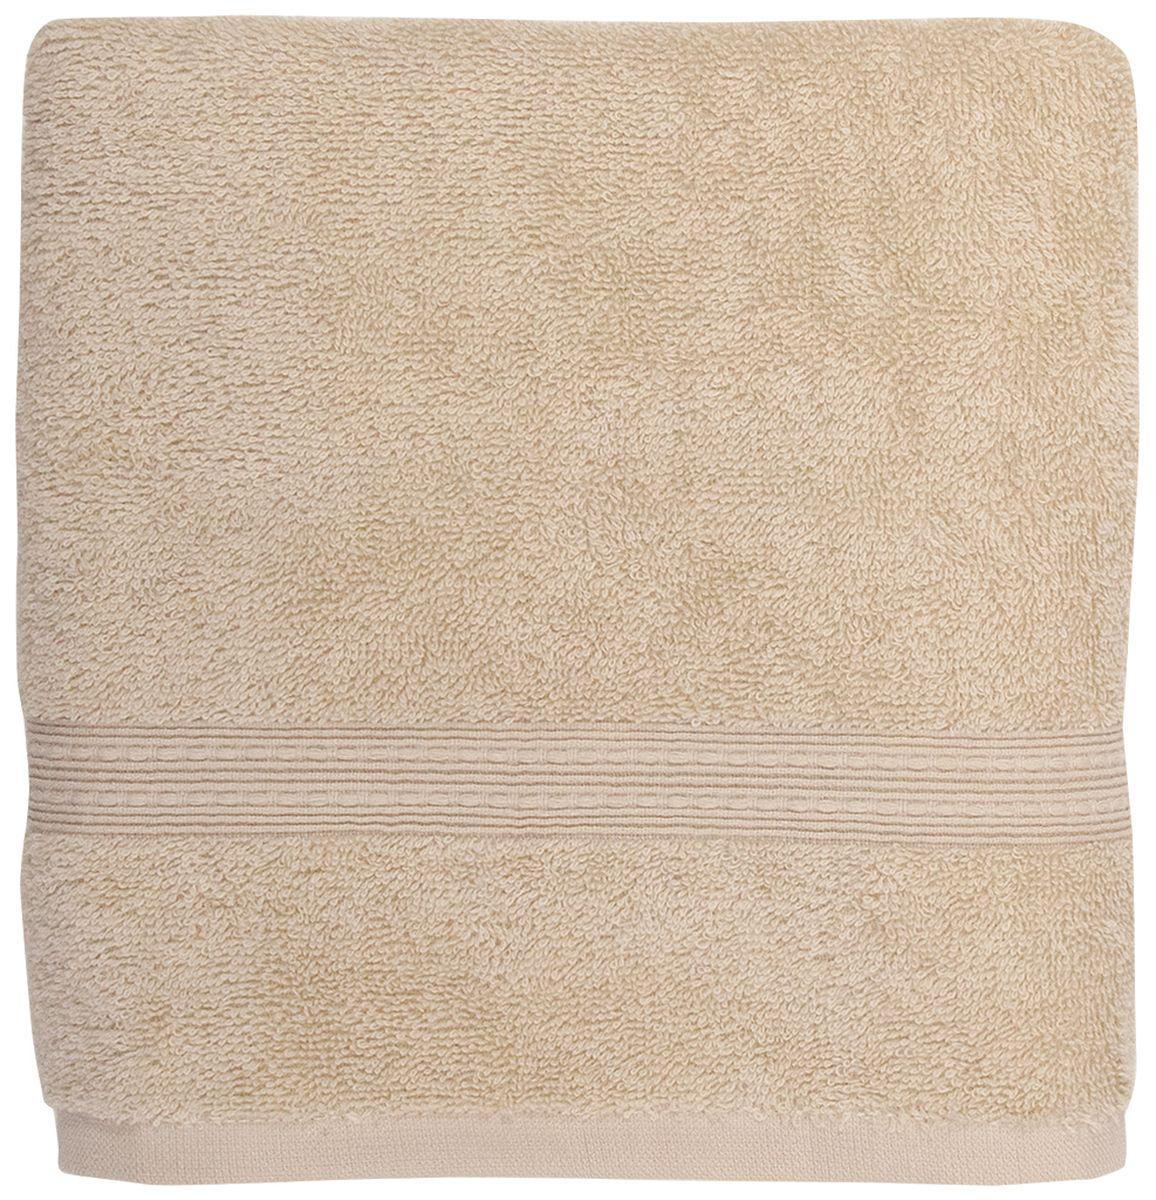 Полотенце банное Bonita Classic, цвет: бисквит, 50 х 90 см1011217224Банное полотенце Bonita Classic выполнено из 100% хлопка. Изделие отлично впитывает влагу, быстро сохнет, сохраняет яркость цвета и не теряет форму даже после многократных стирок. Такое полотенце очень практично и неприхотливо в уходе. Оно создаст прекрасное настроение и украсит интерьер в ванной комнате.